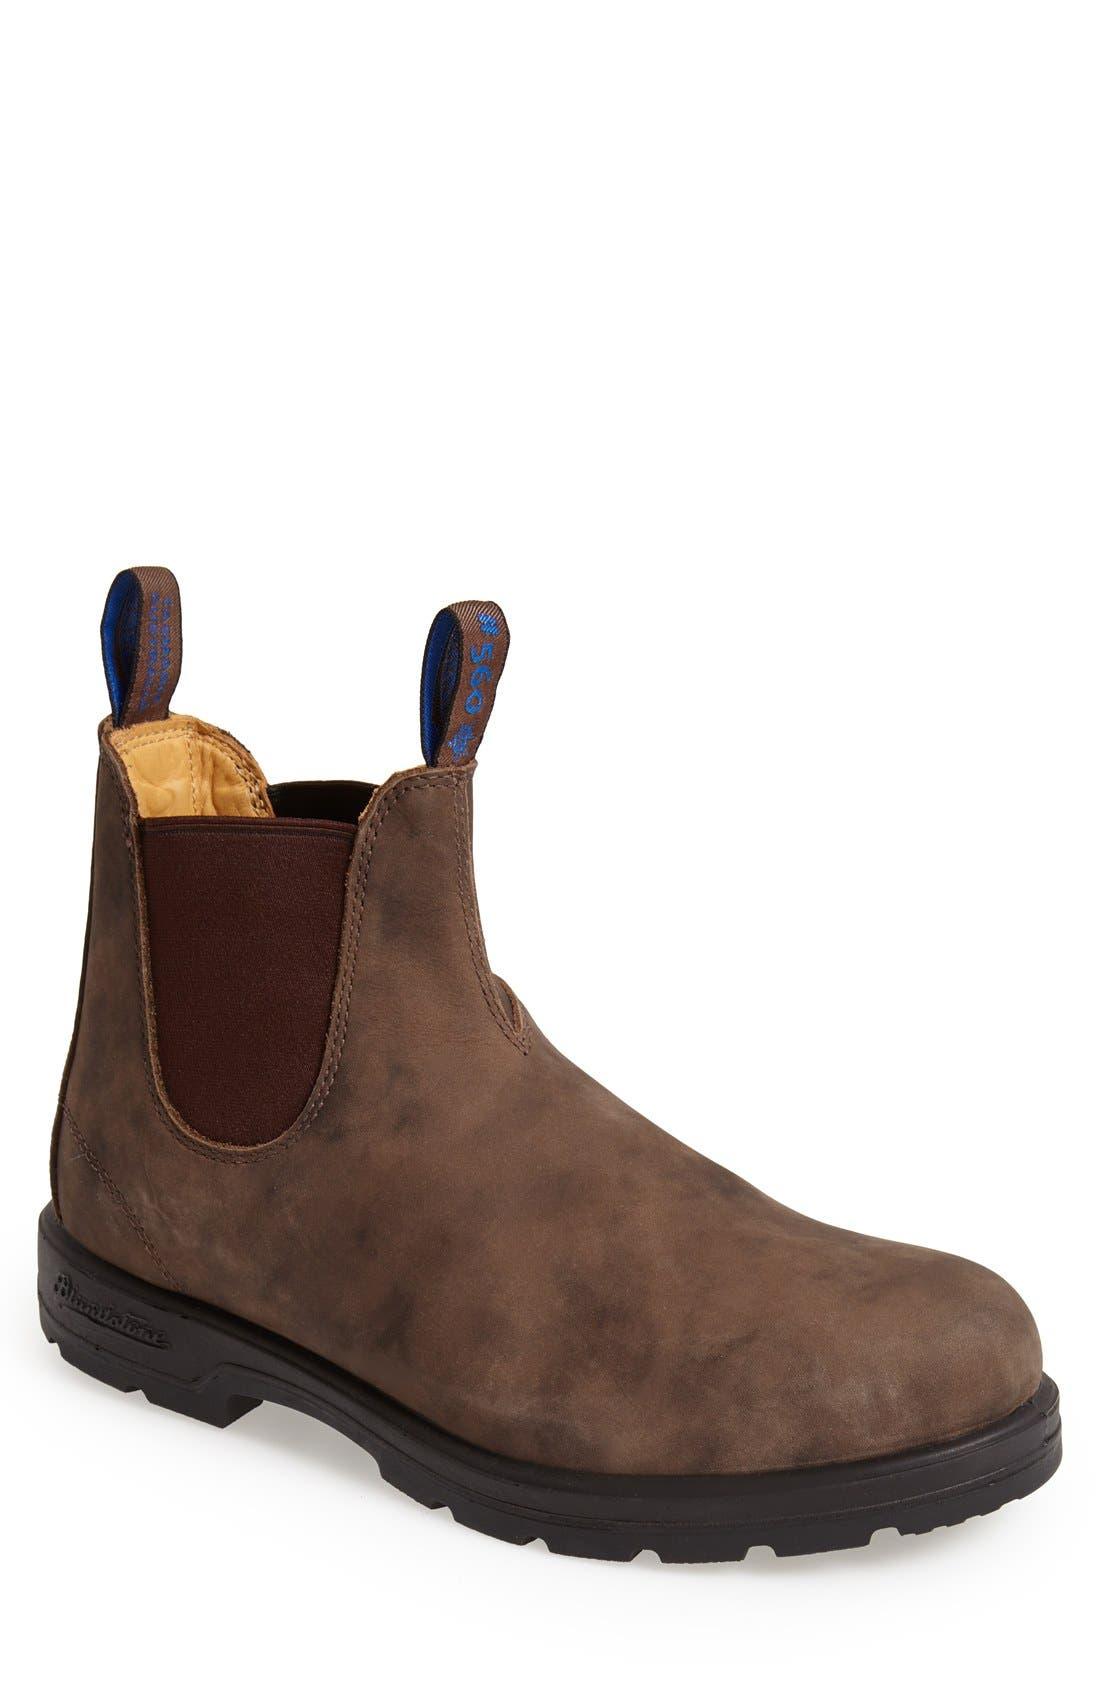 Blundstone Footwear Waterproof Chelsea Boot (Men)